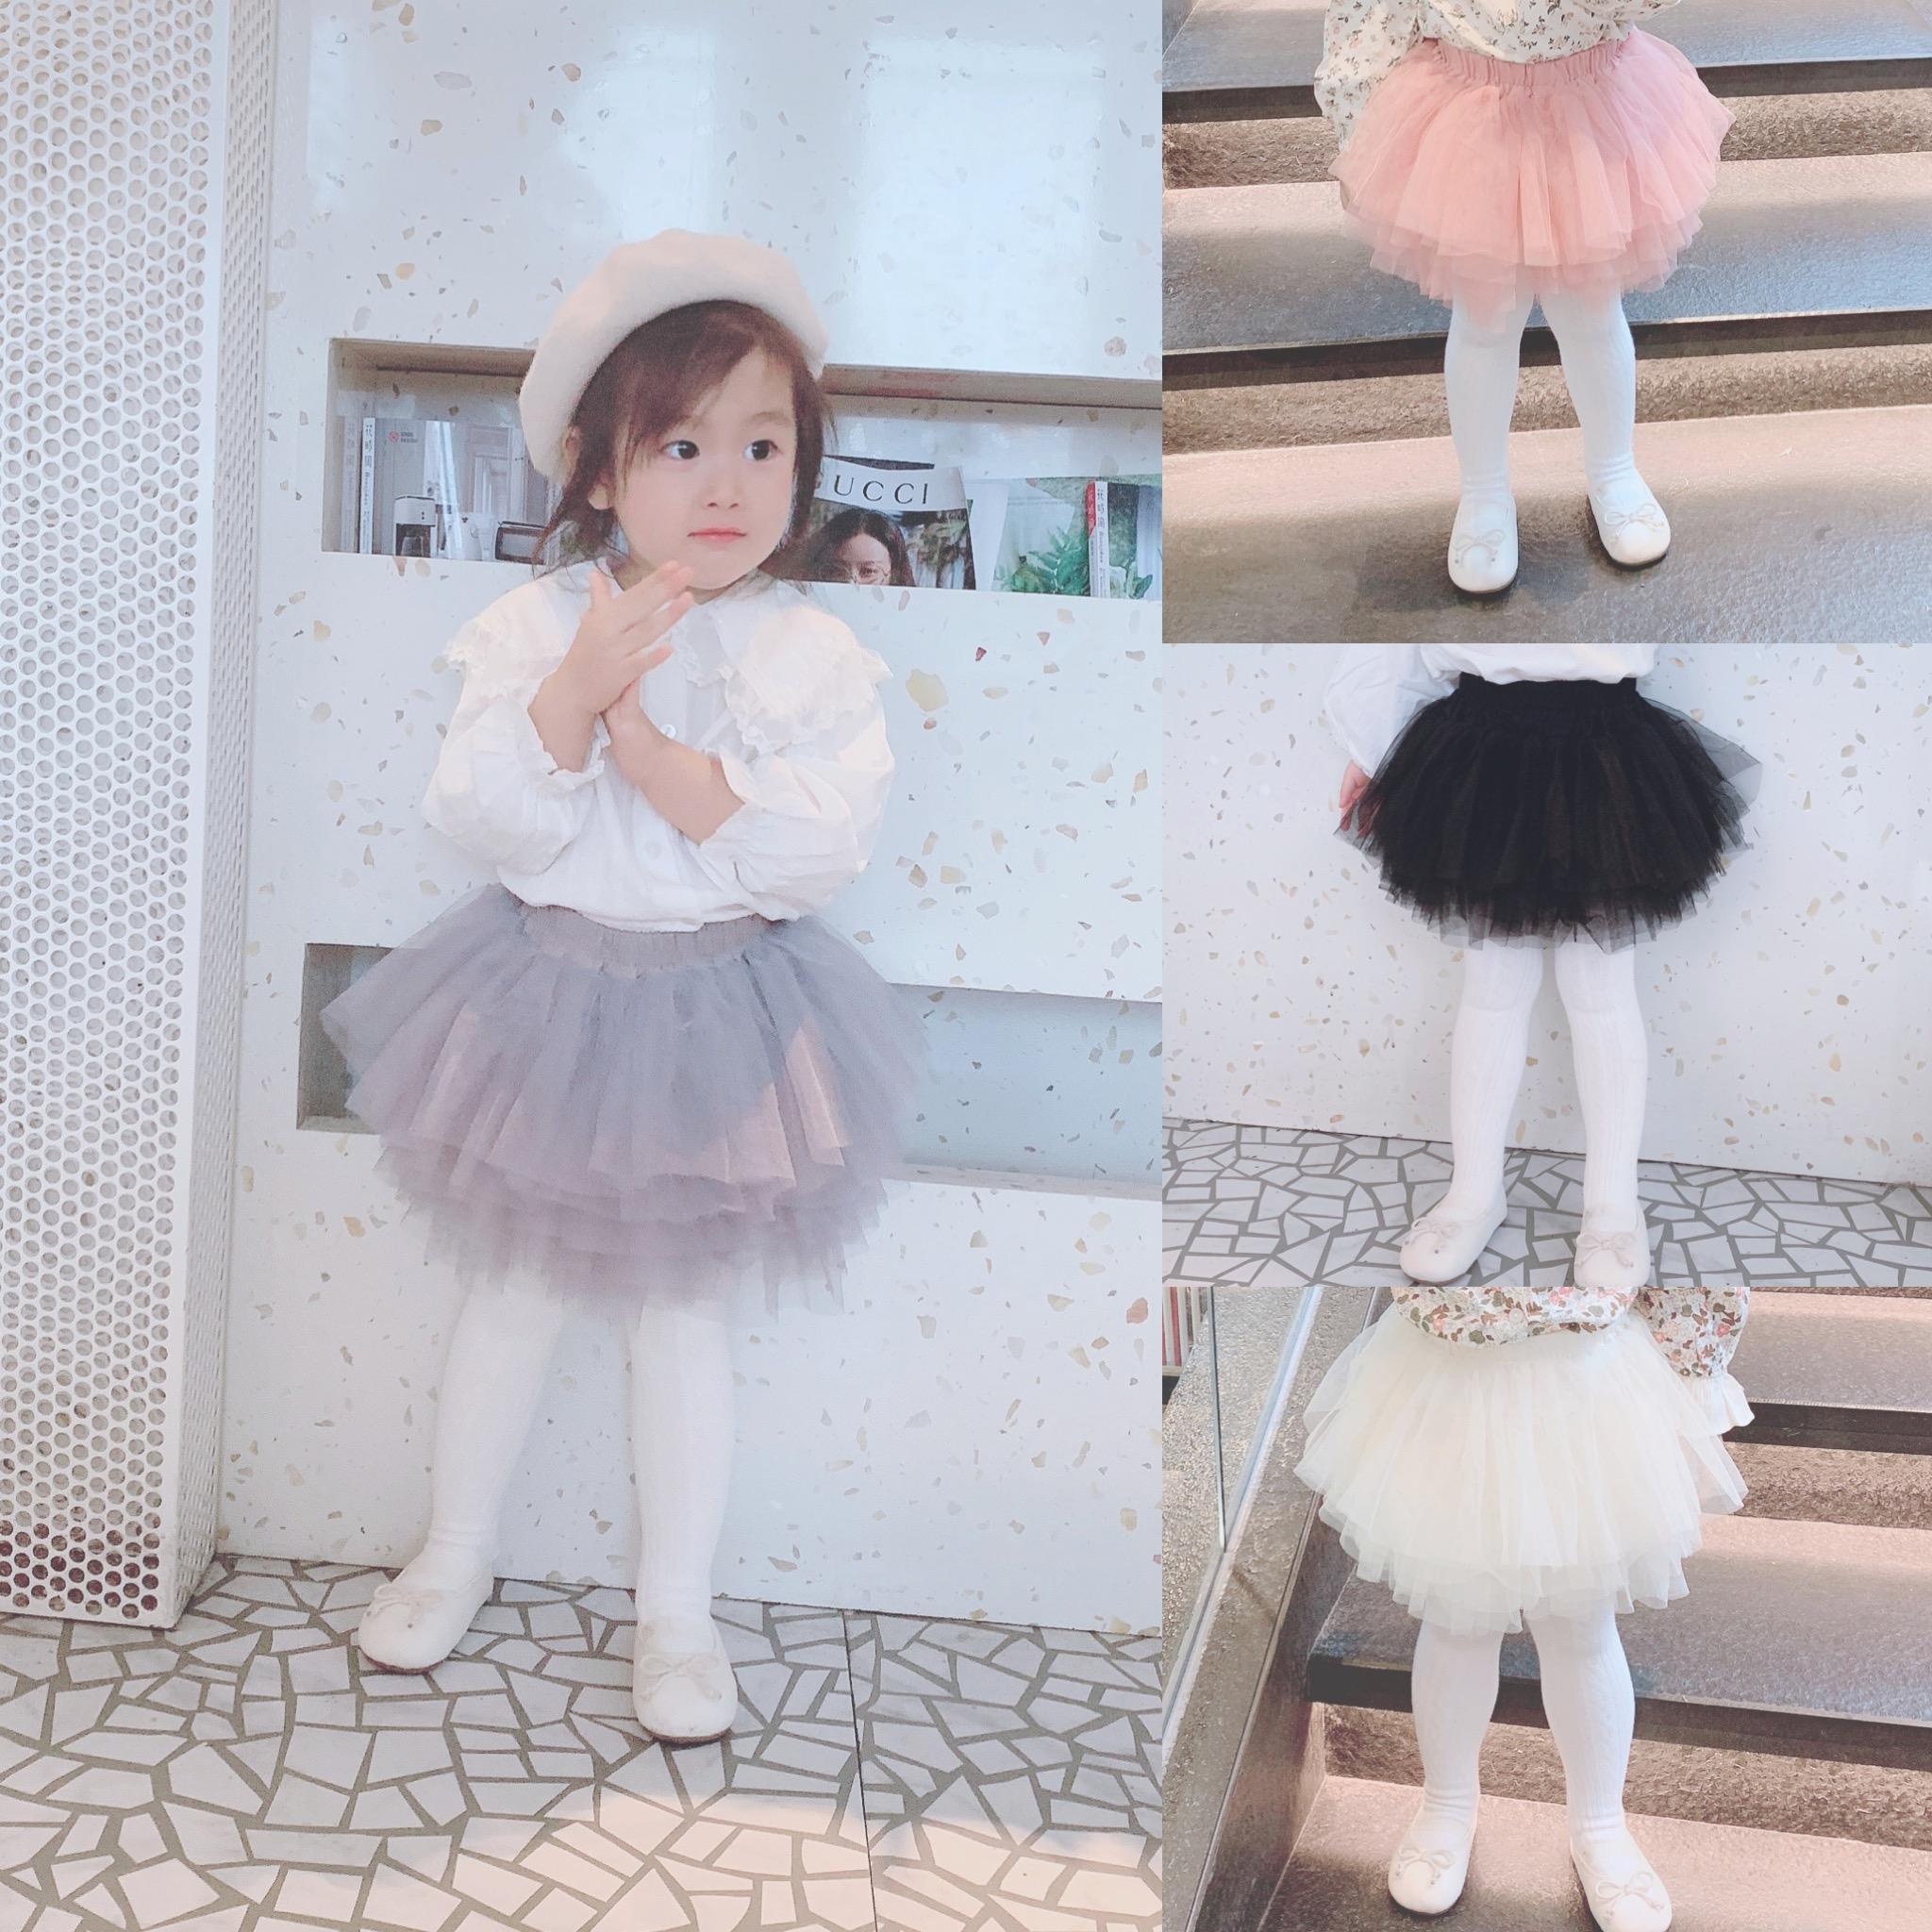 可可妈女宝宝白色半身裙网纱裙婴儿蓬蓬裙百搭公主短裙女童裙子